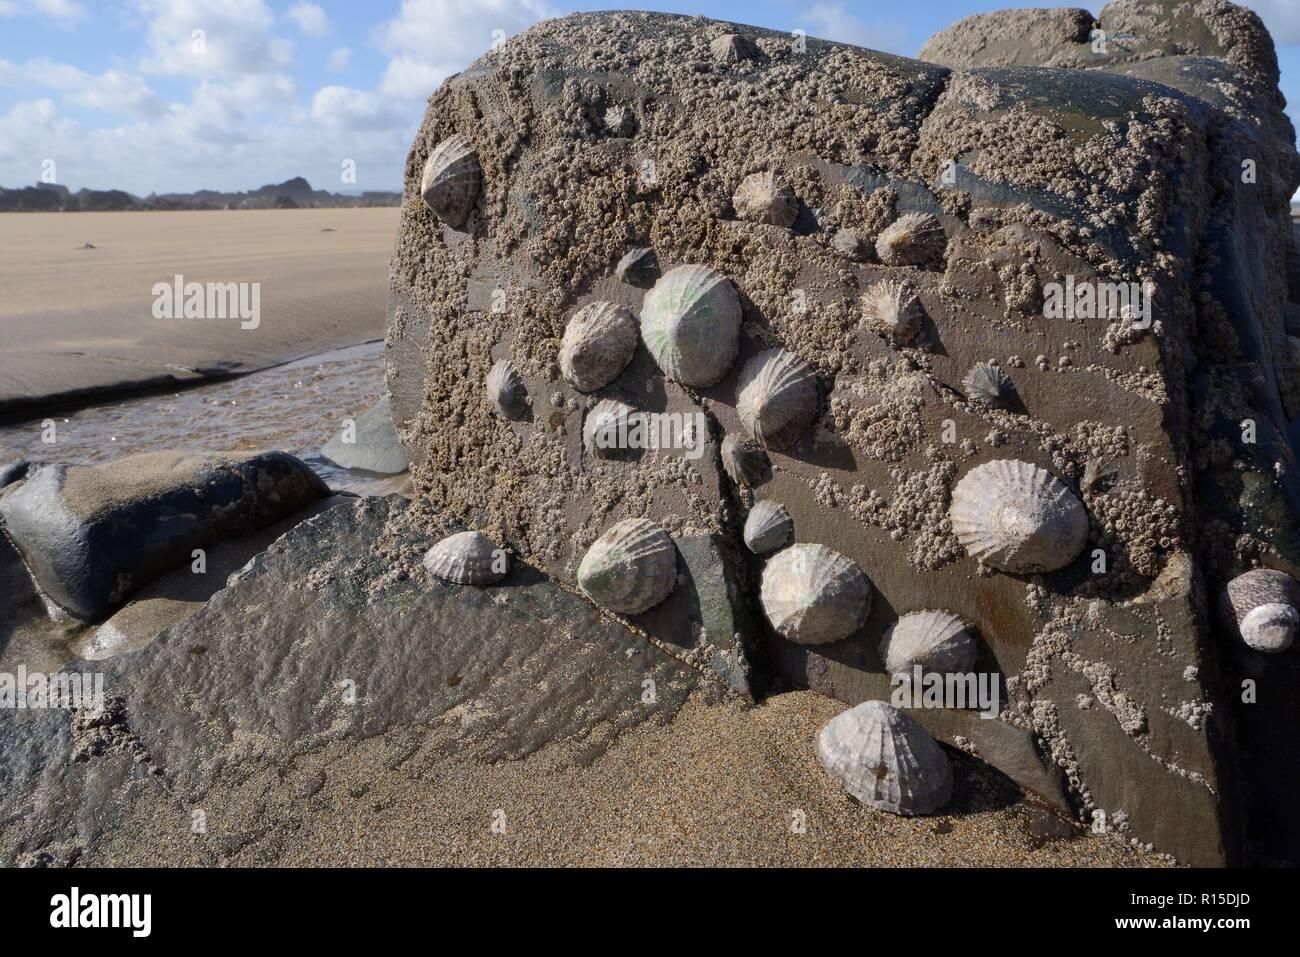 Le patelle comune (Patella vulgata) e Acorn barnacles (Semibalanus balanoides) attaccato alle rocce intercotidali, esposta mediante una marea calante, Cornwall, Regno Unito Foto Stock